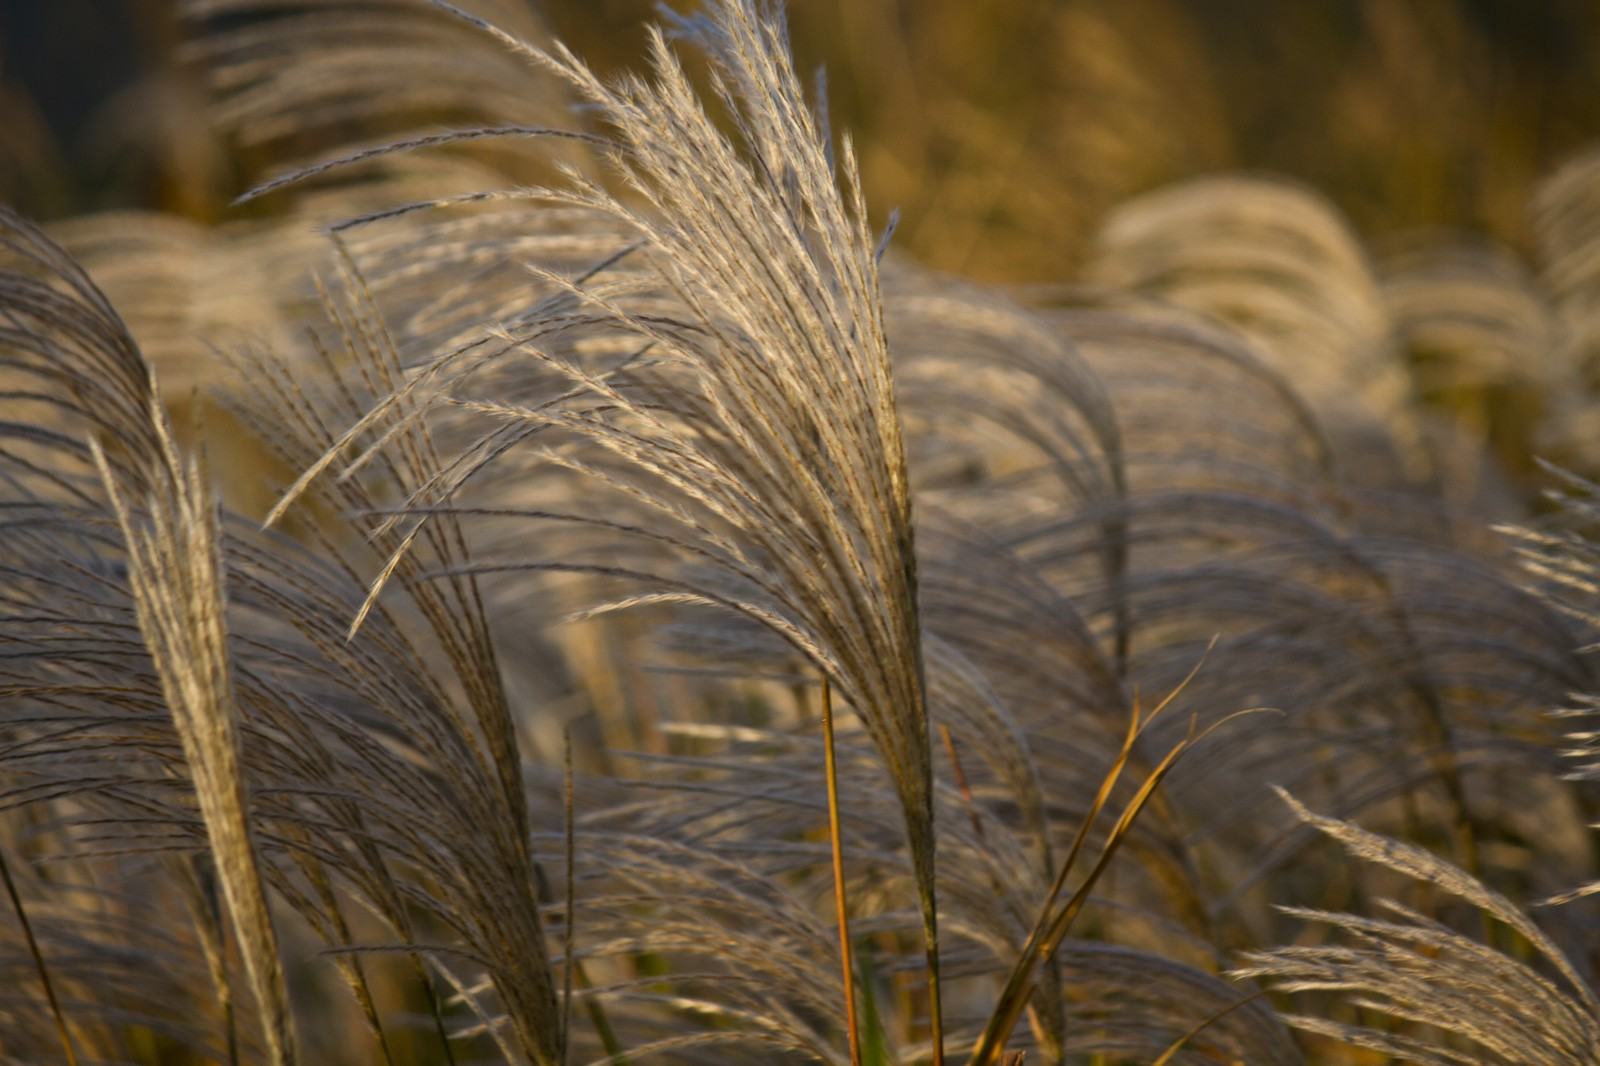 「風にゆられる秋のススキ」の写真